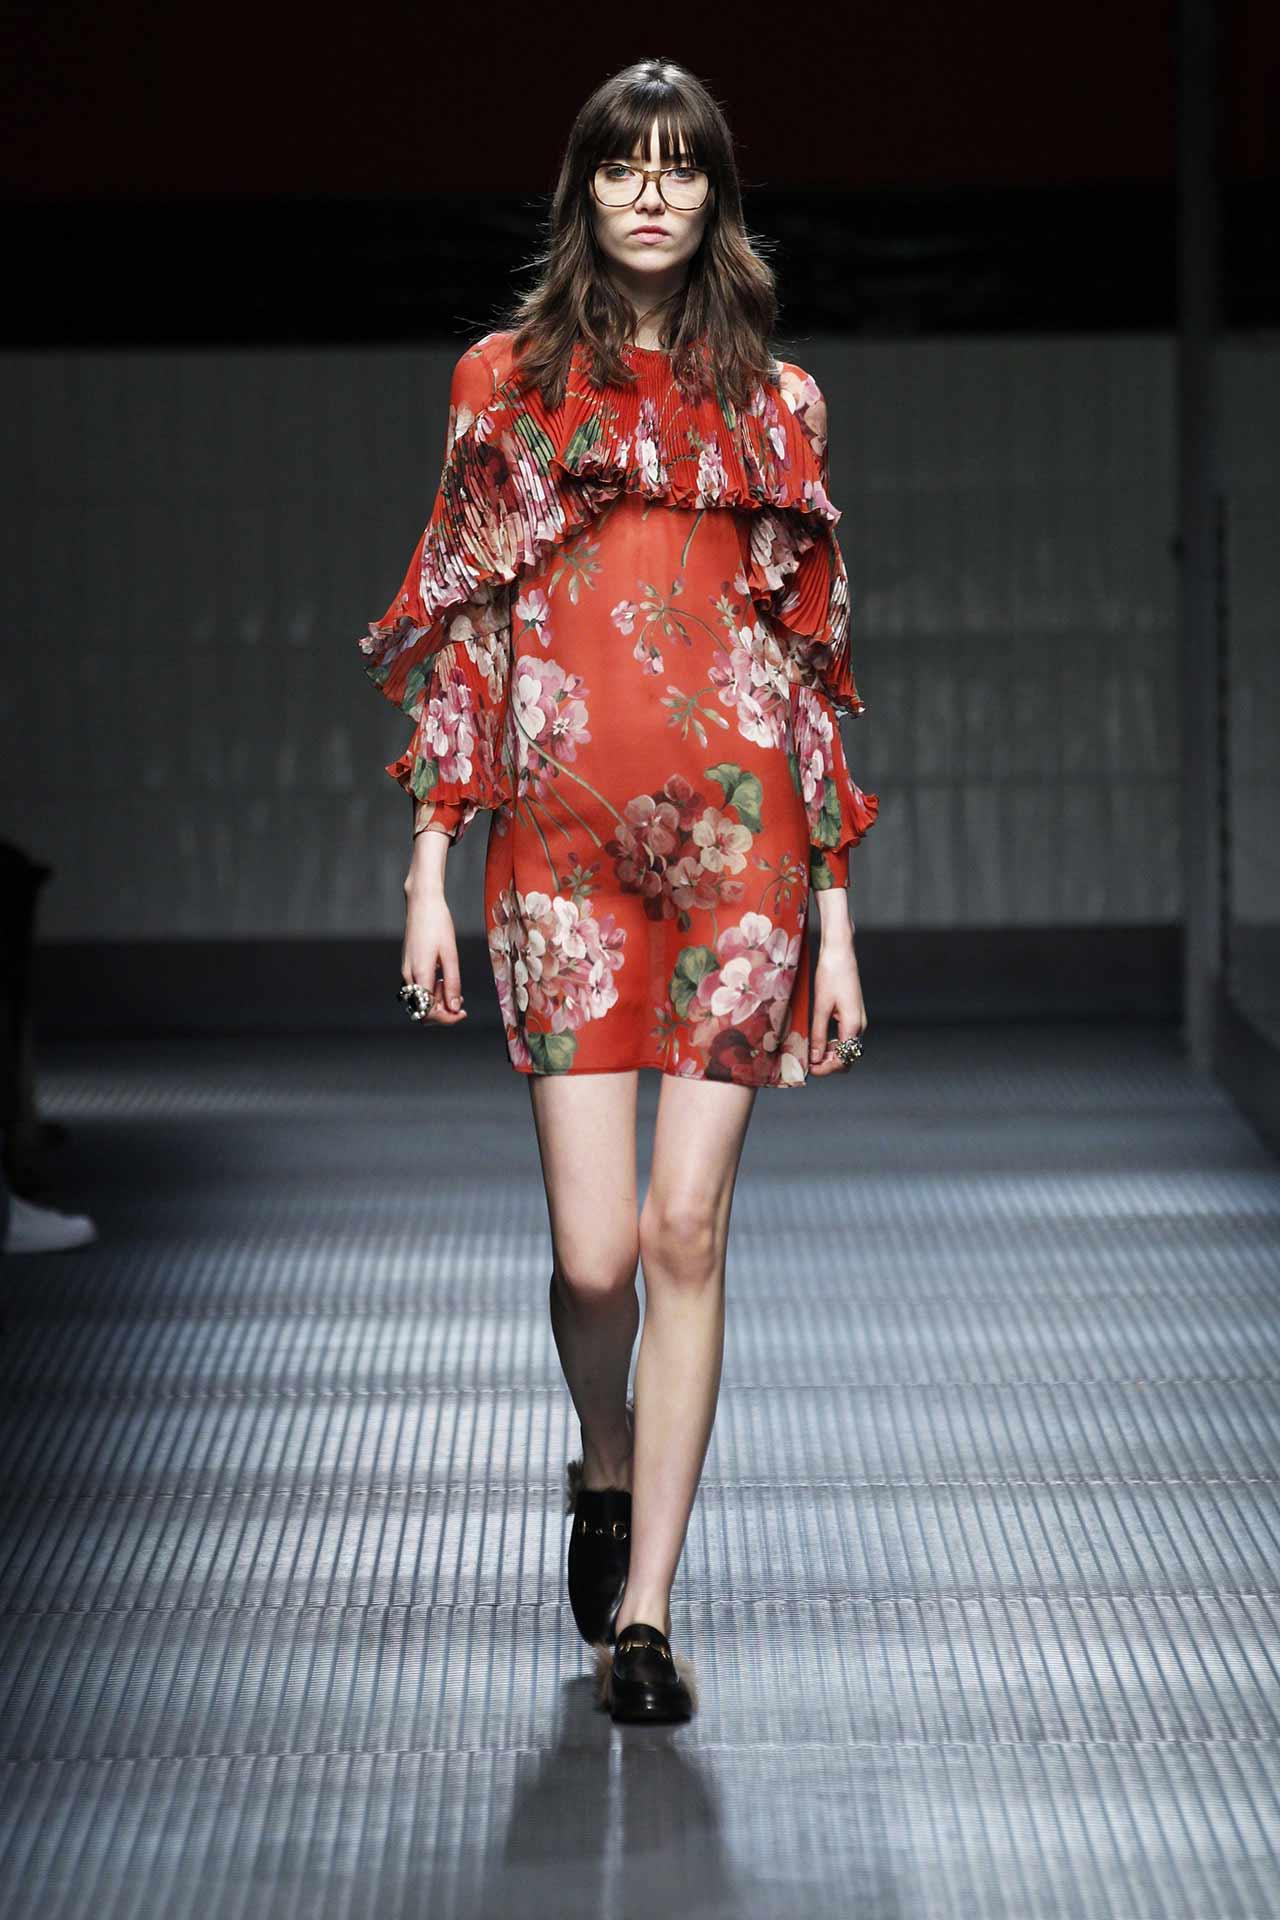 Váy hot nhất tuần: Đầm 50 triệu của Angela Phương Trinh - 6